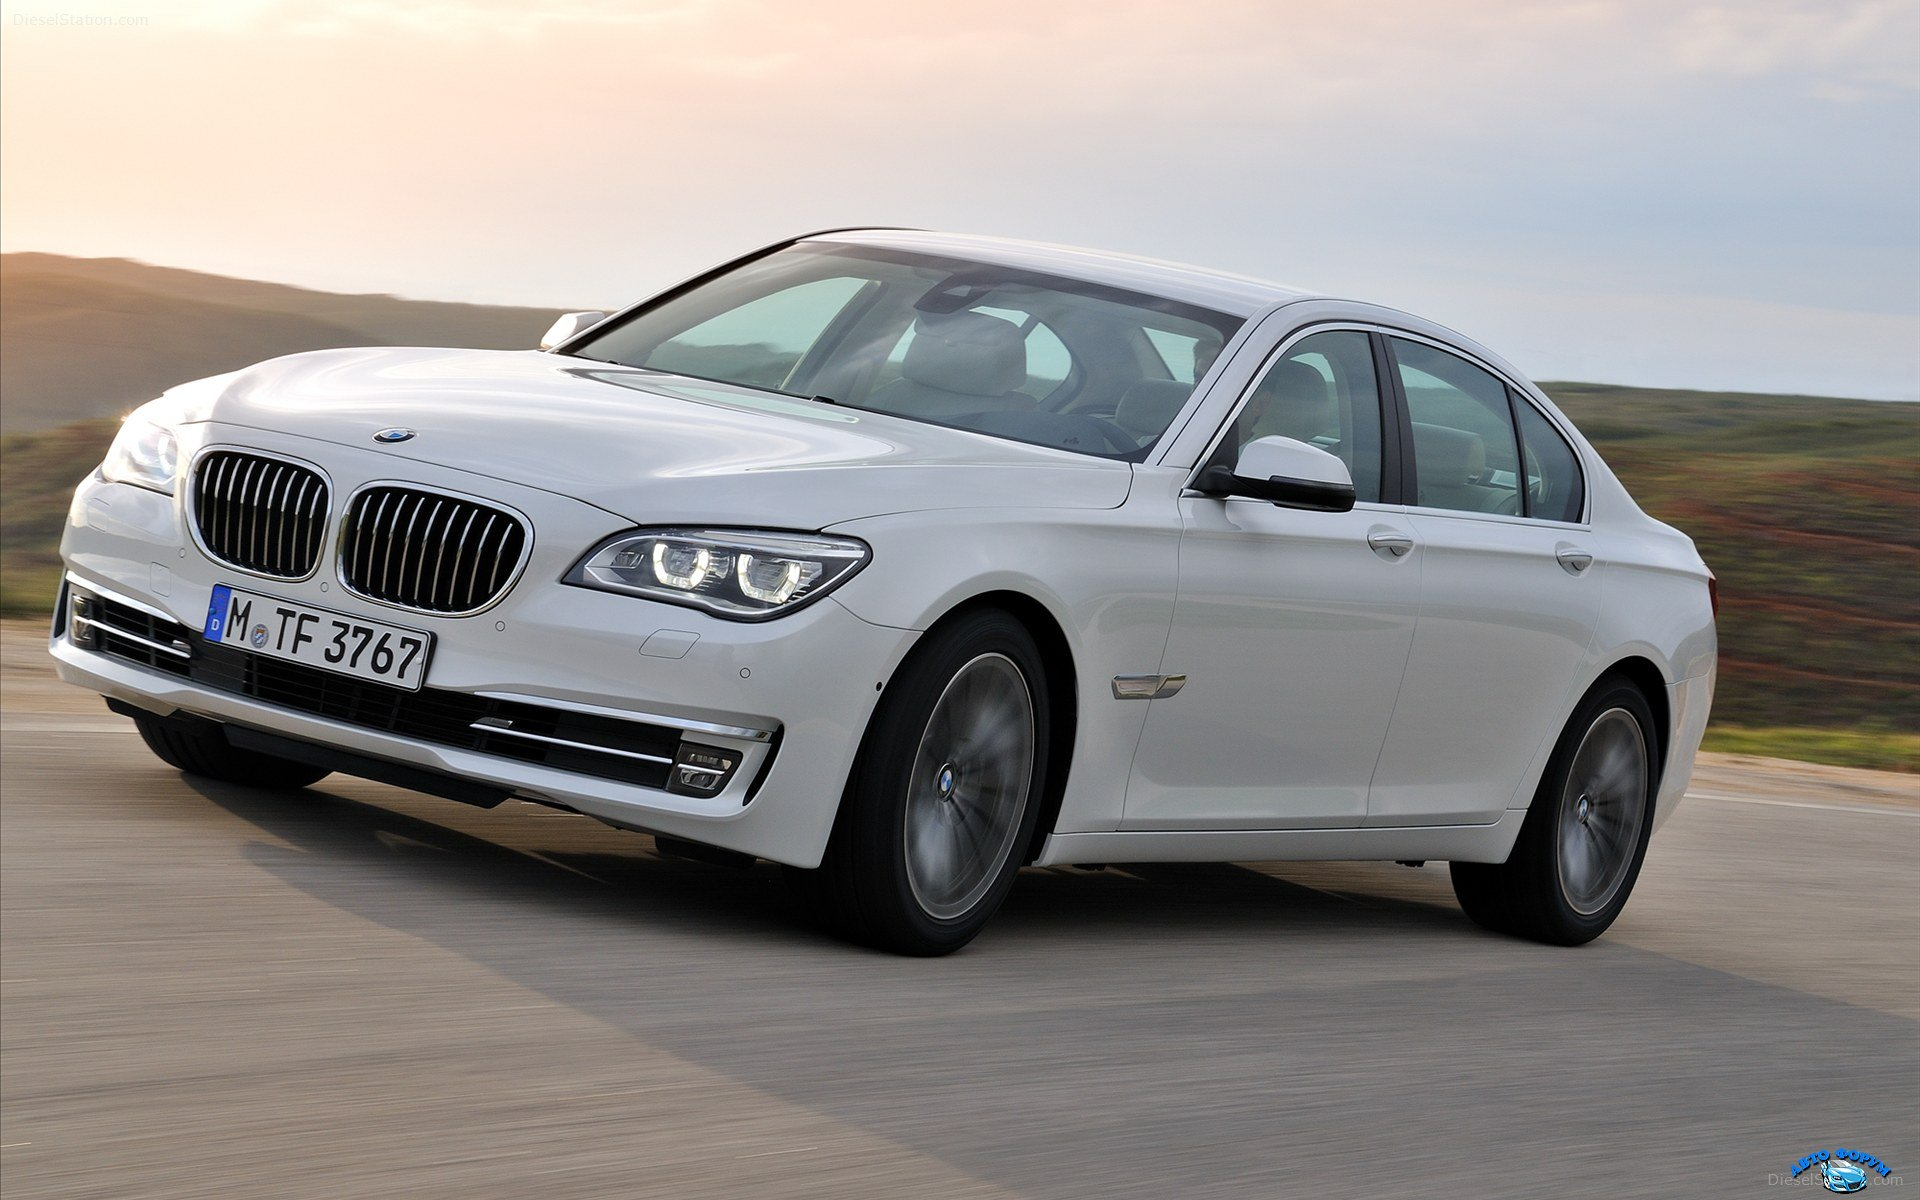 BMW-7-Series-2013-widescreen-17.jpg